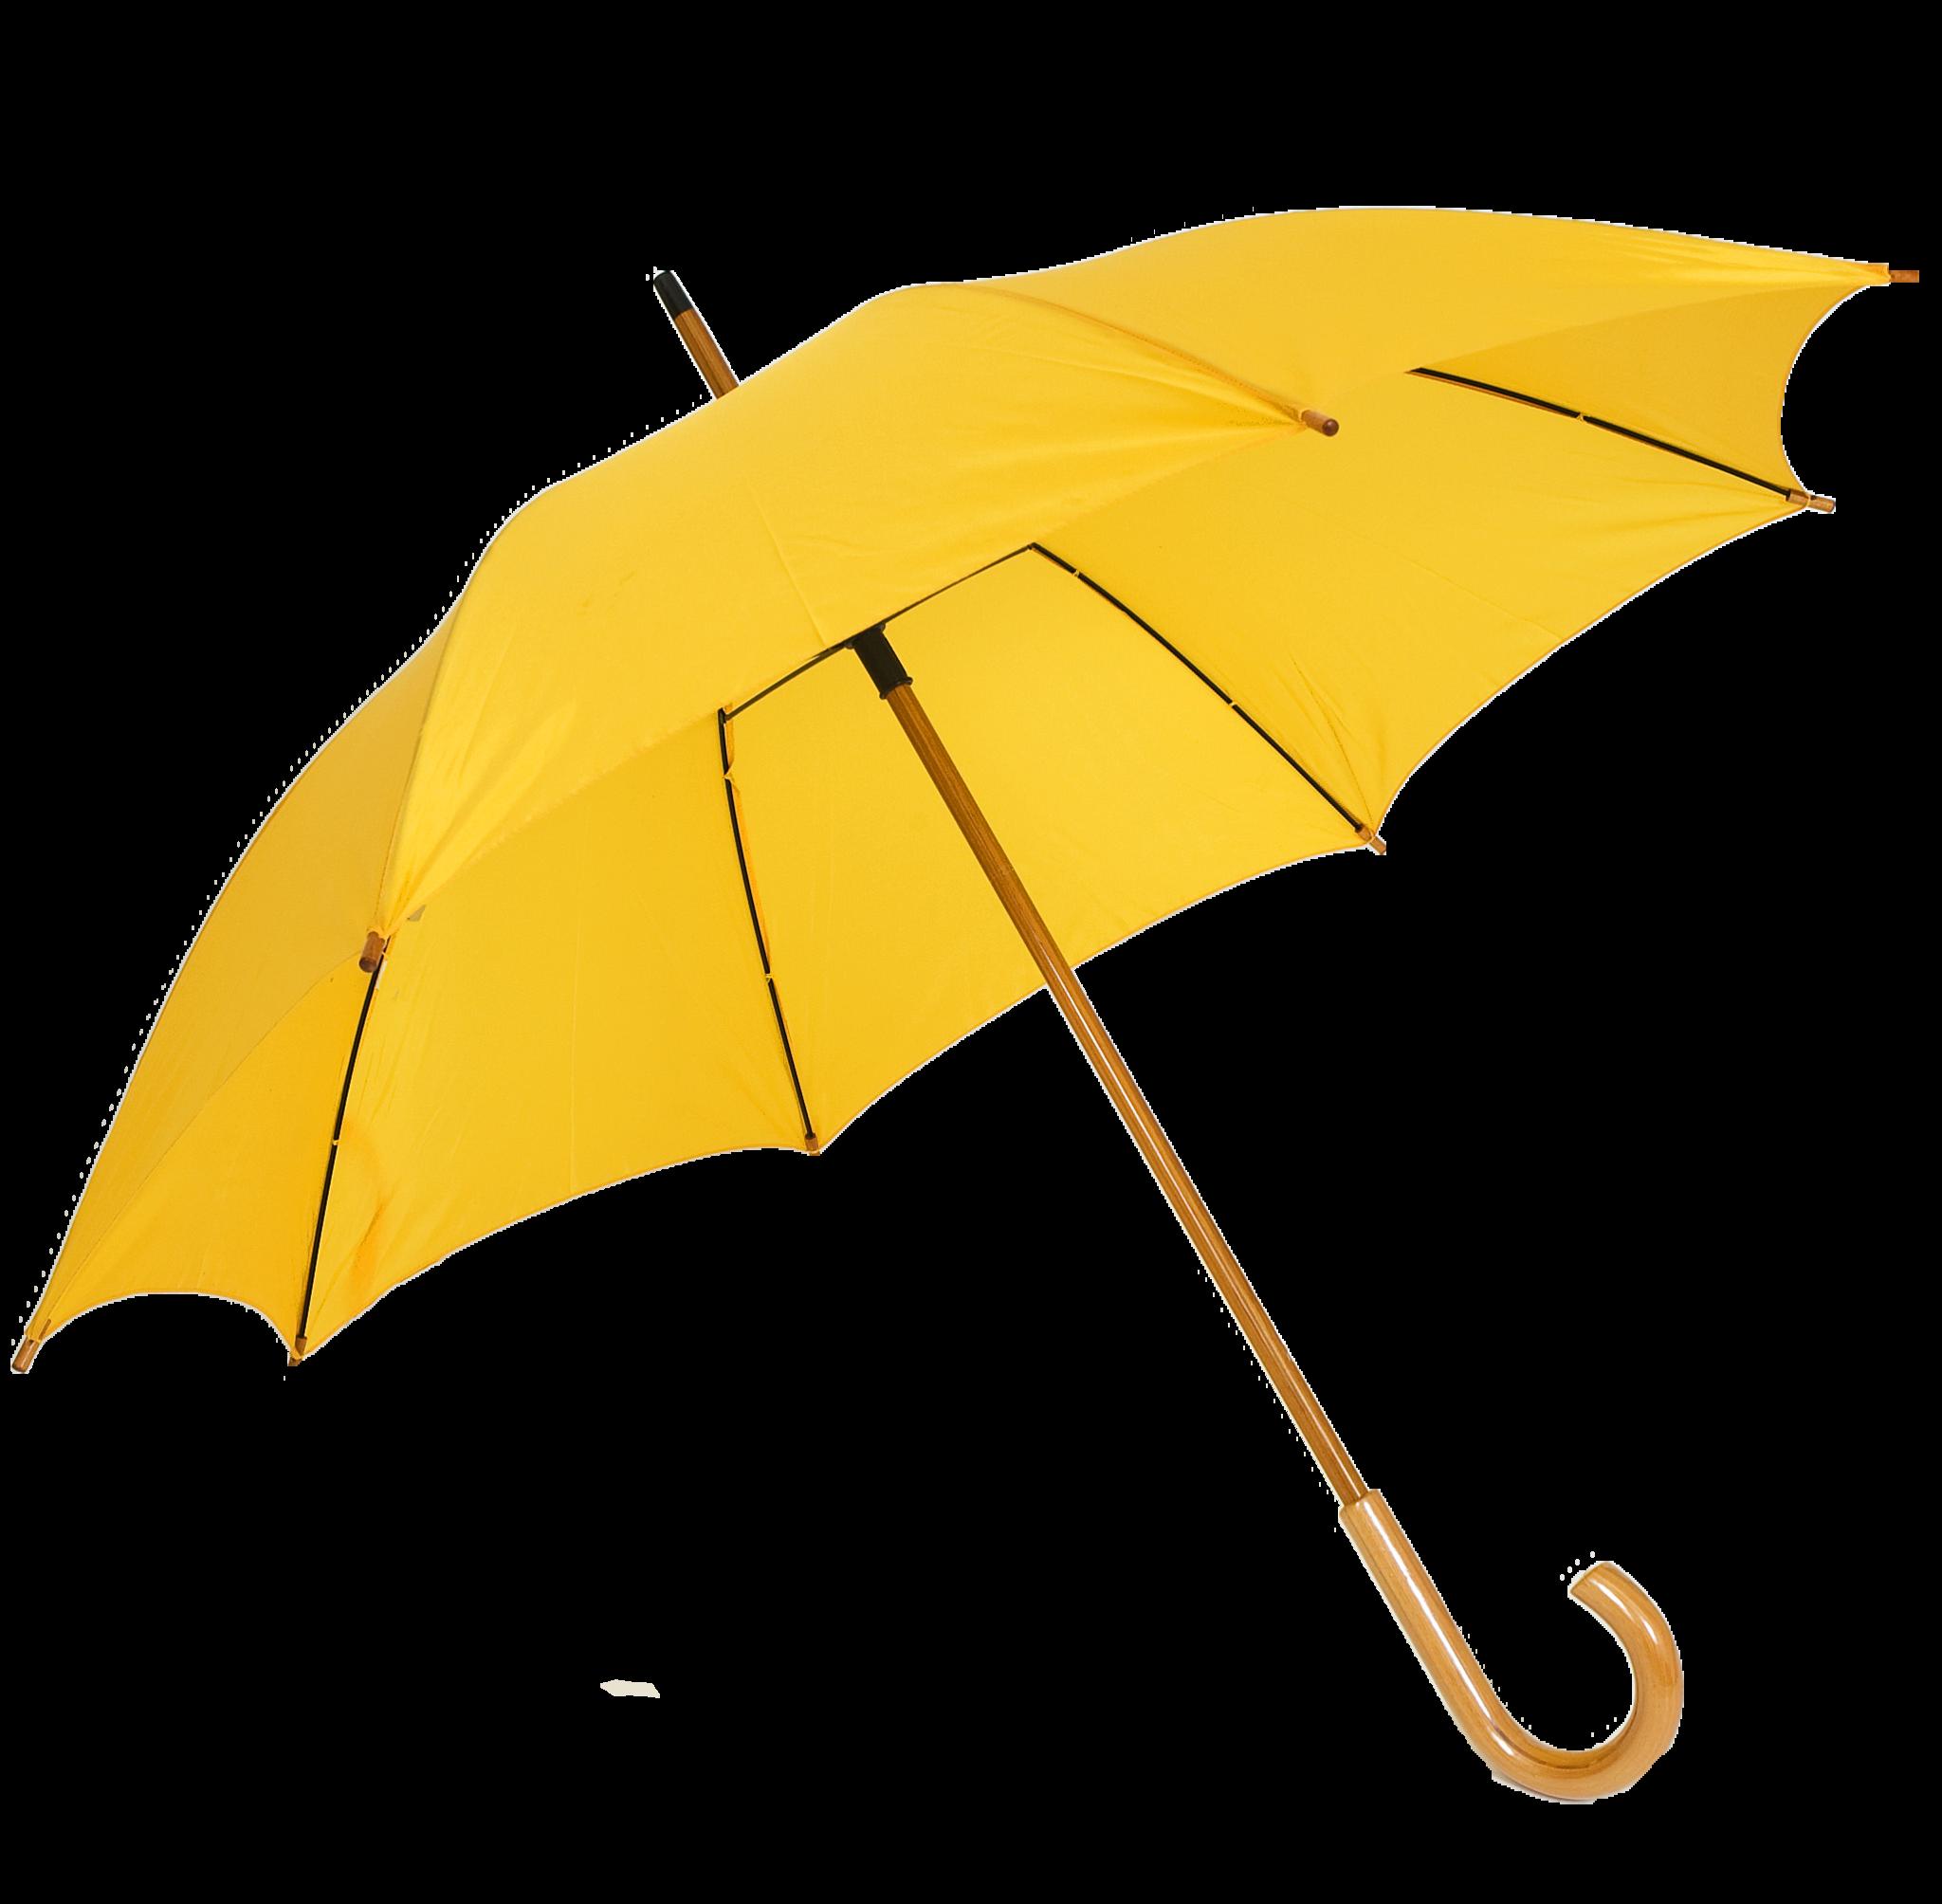 Umbrella HD PNG - 91405